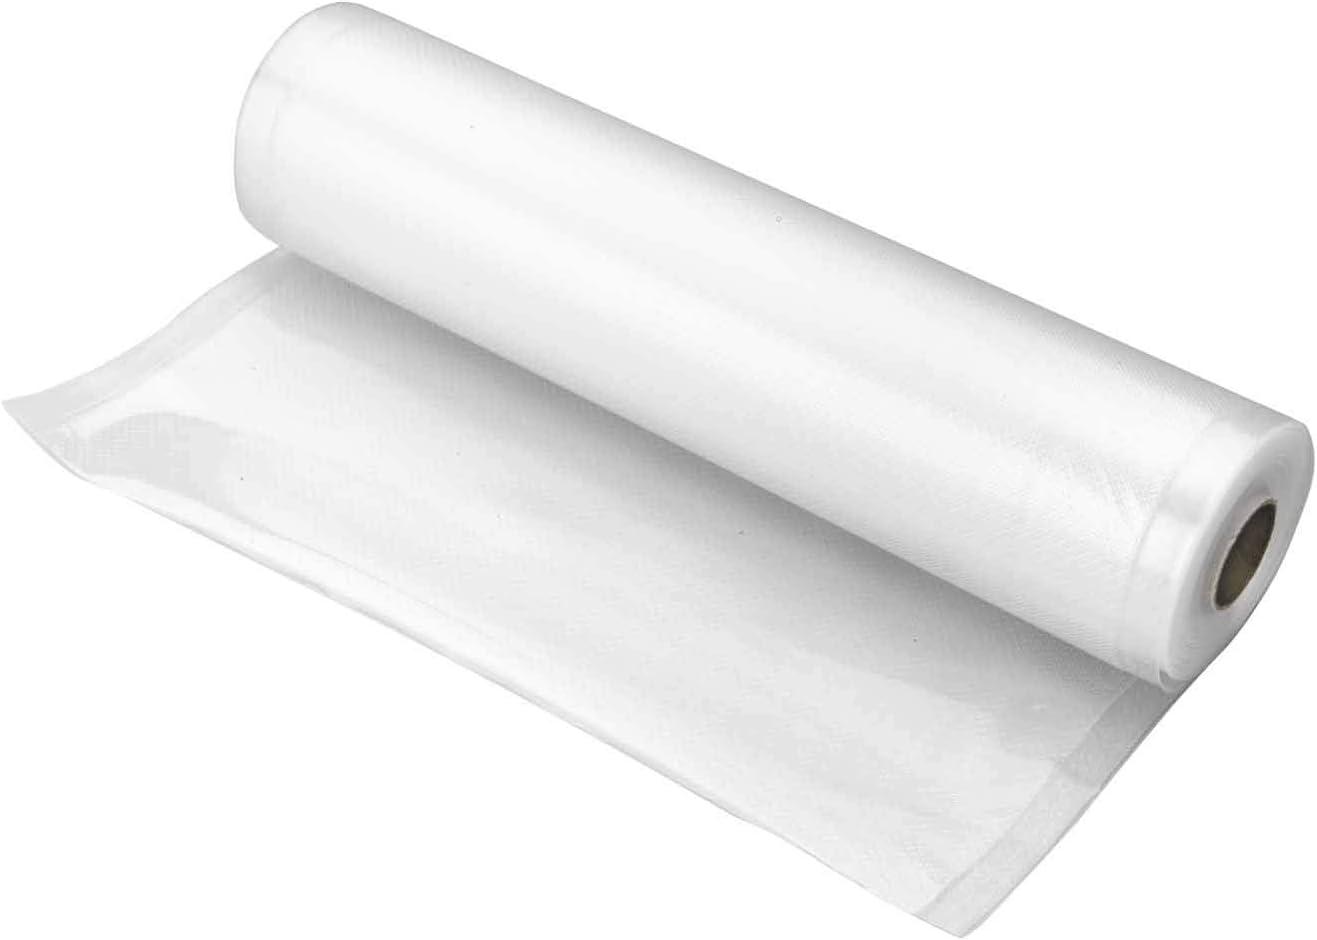 Lacor Lacor-69058-Bobinas Tubo vacío 105 micras 28x10cm